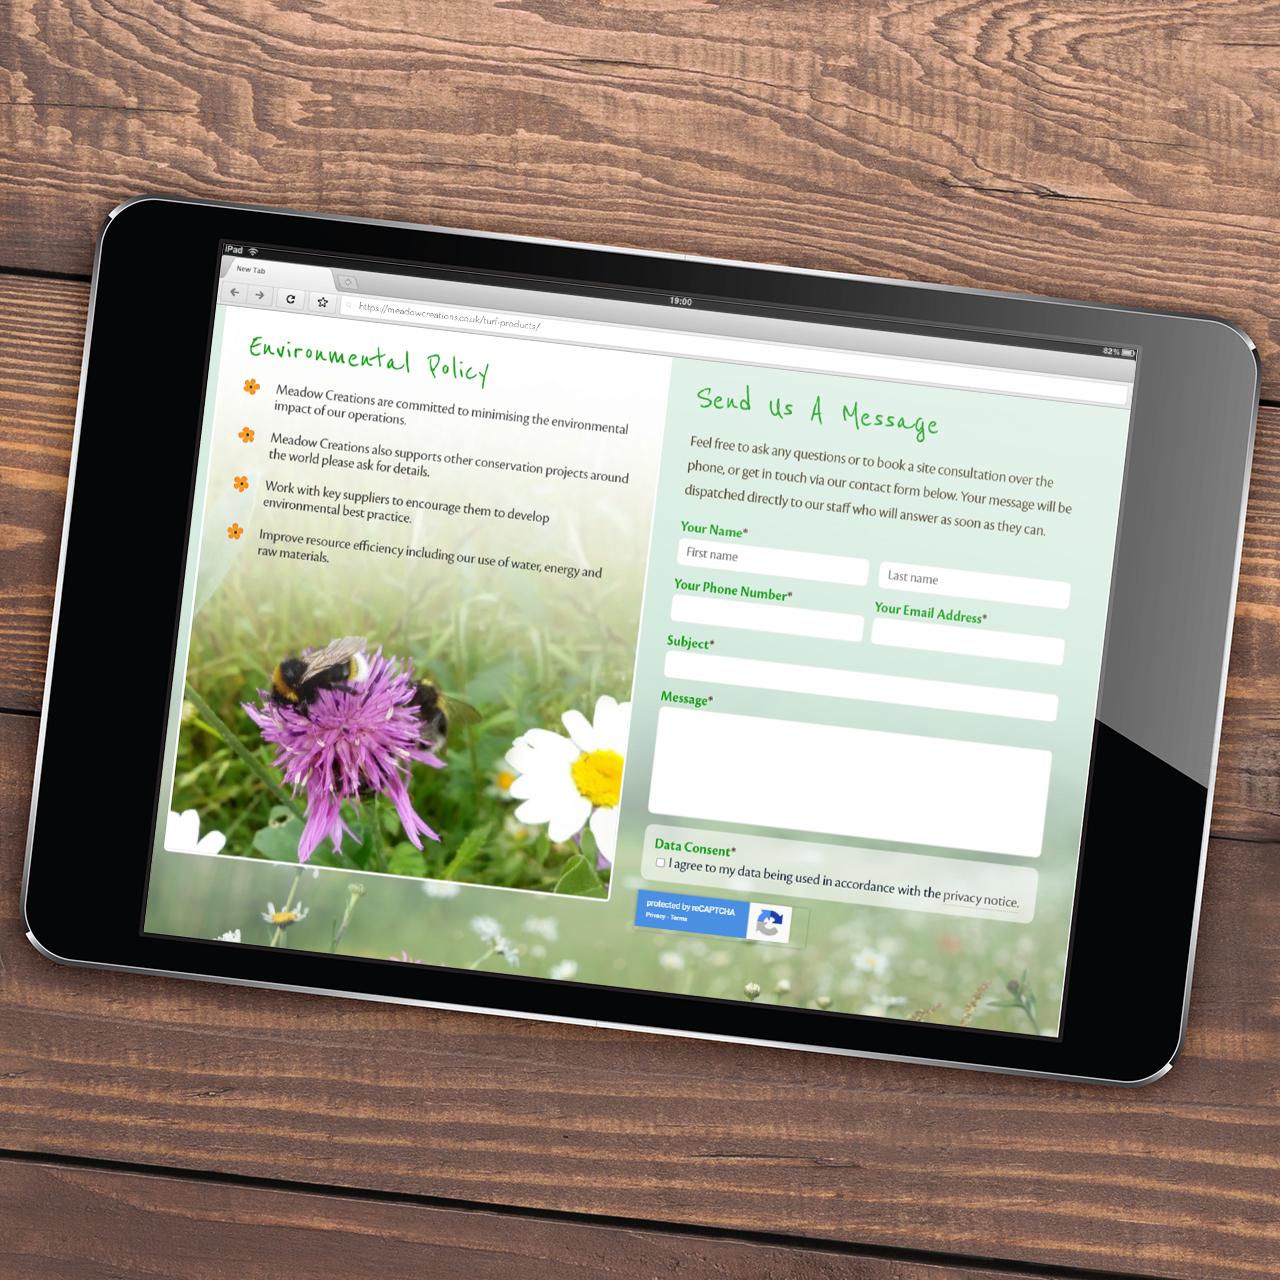 Pembrokeshire Web Designers for Meadow CreationsWeb Design Case Study